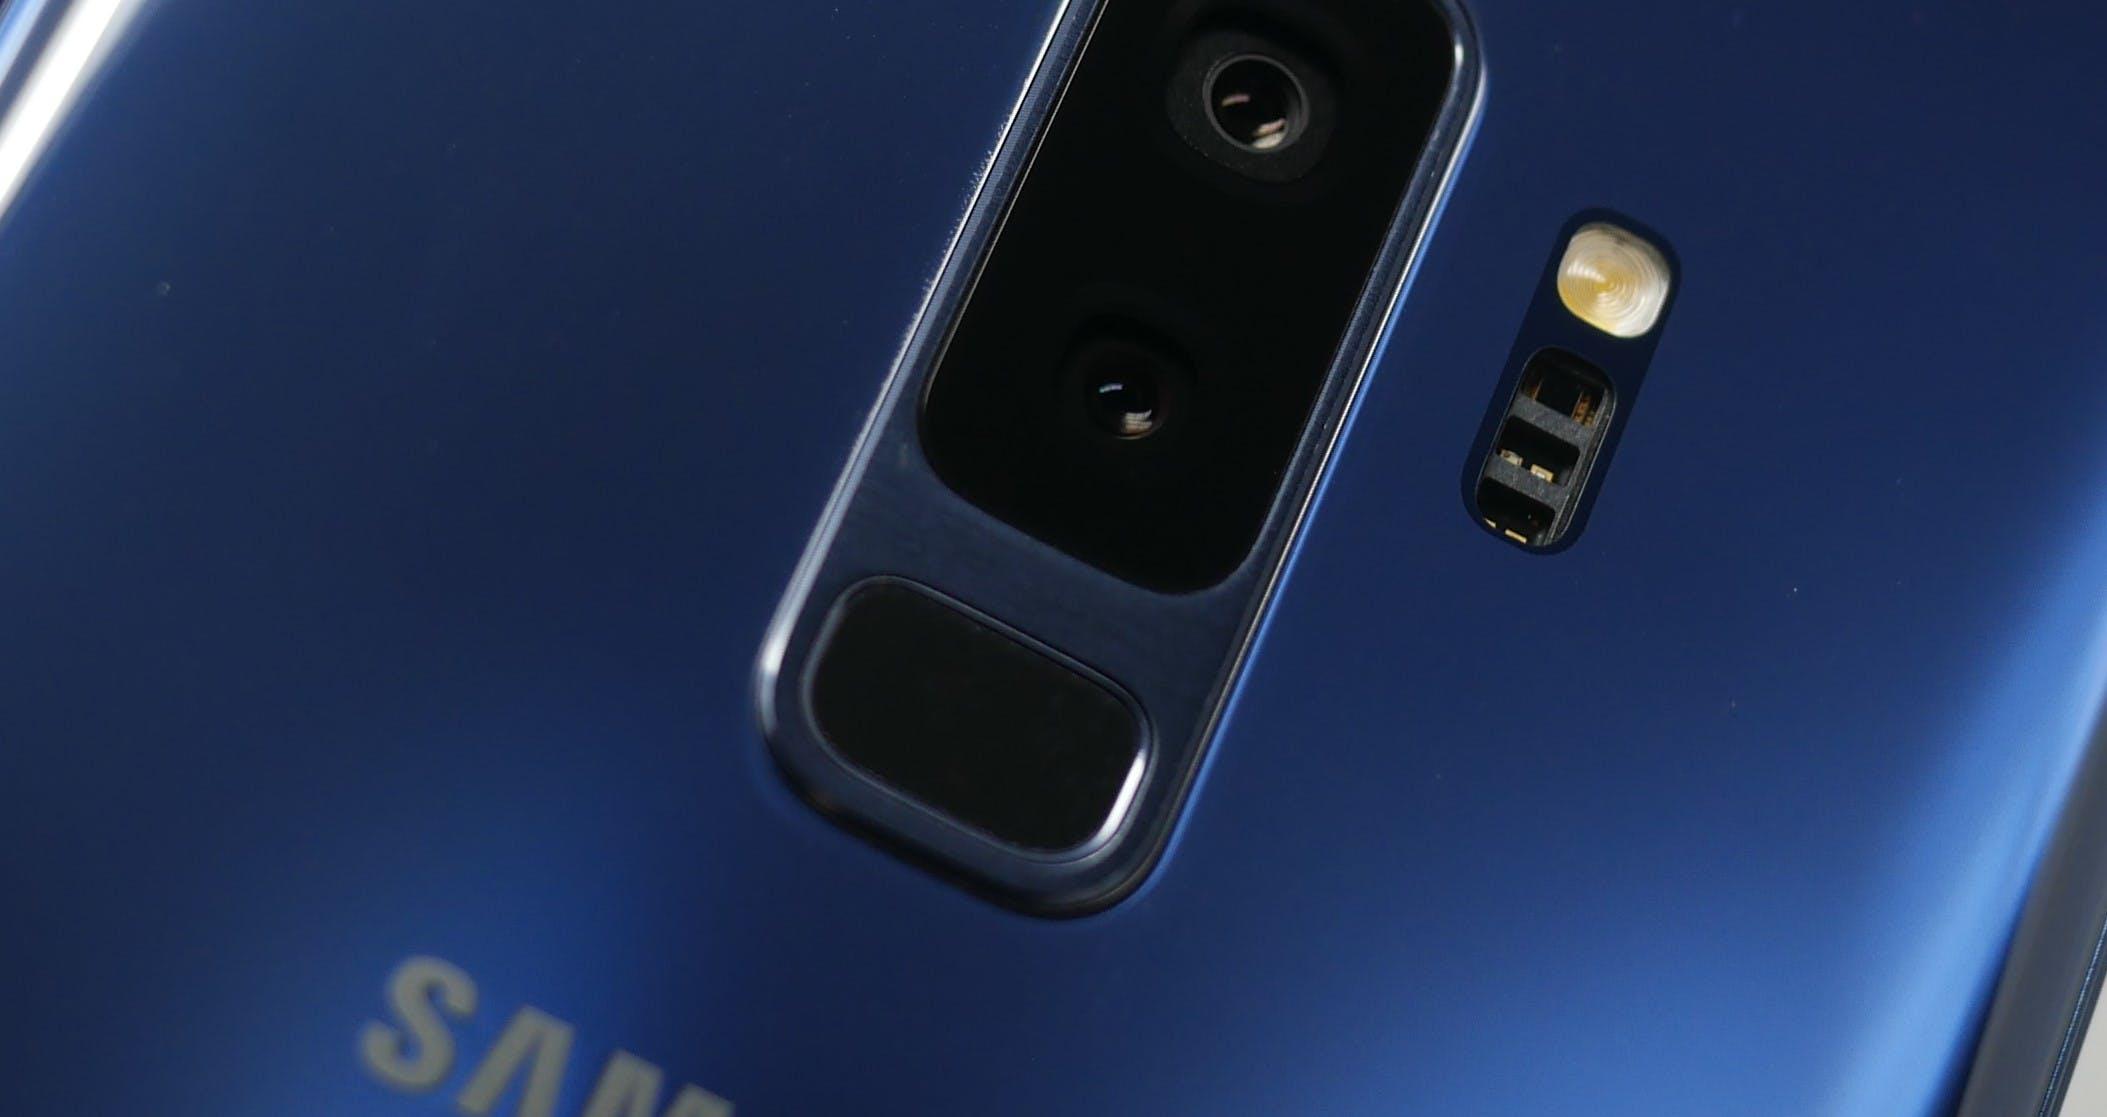 best smartphones 2018 - samsung galaxy s9+ fingerprint sensor dual-lens camera